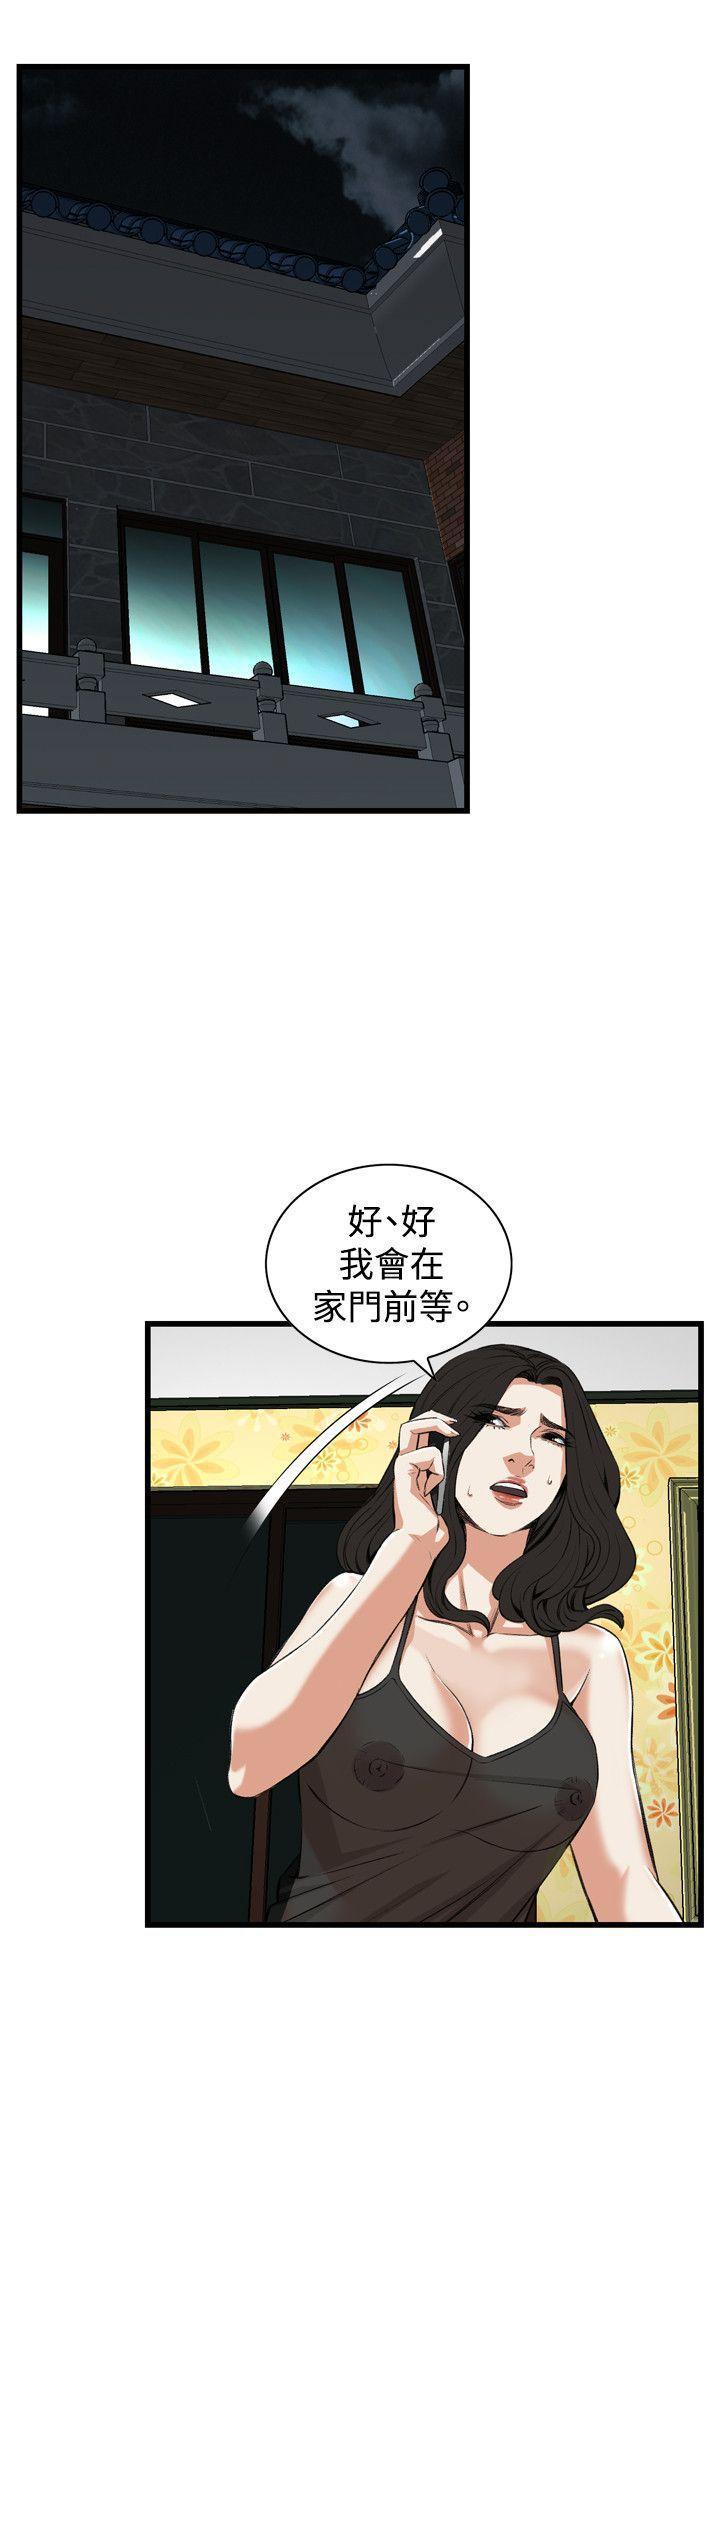 偷窥72-93 Chinese Rsiky 70